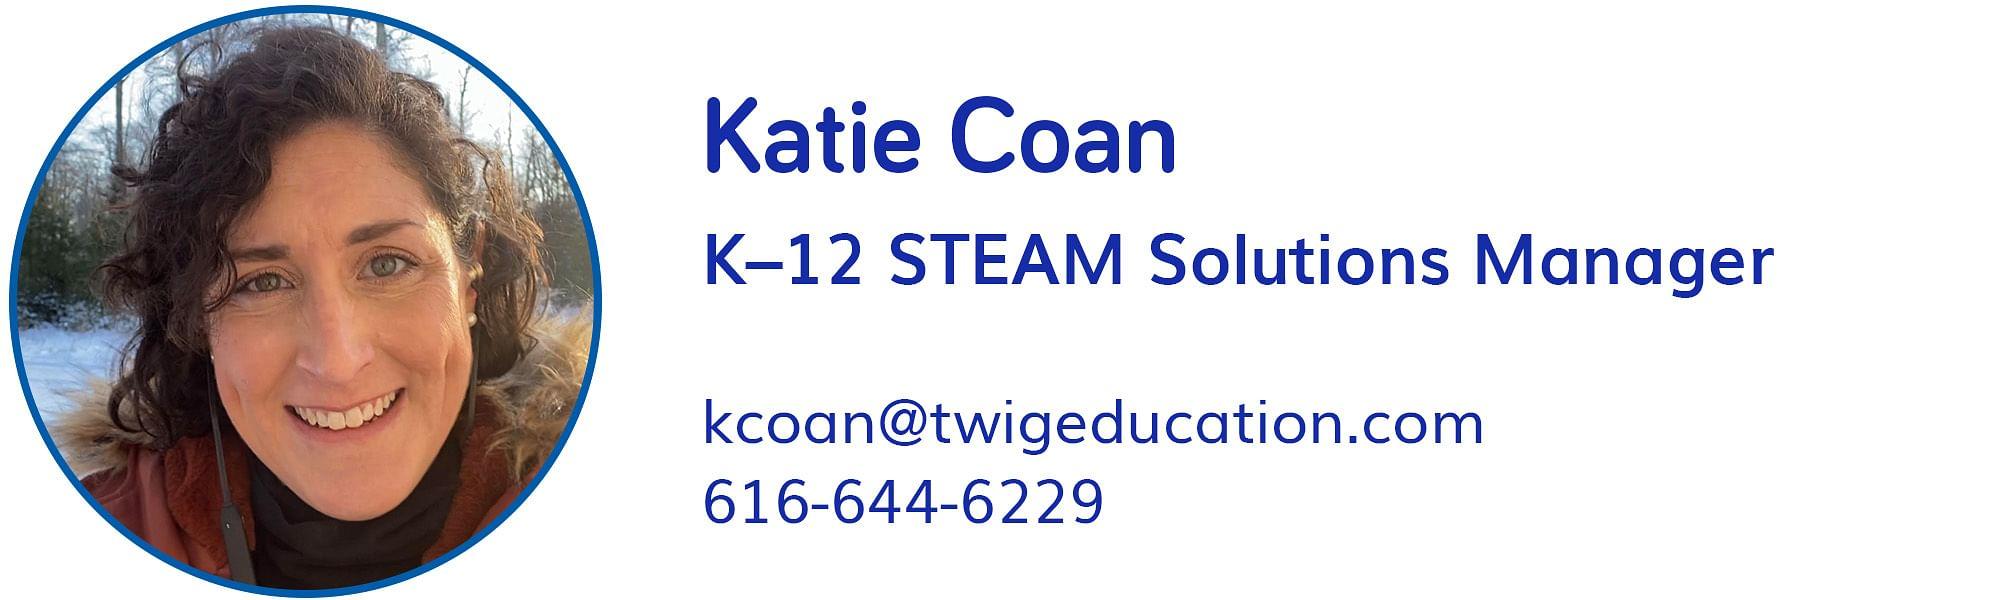 Katie Coan, kcoan@twigeducation.com, 616-644-6229